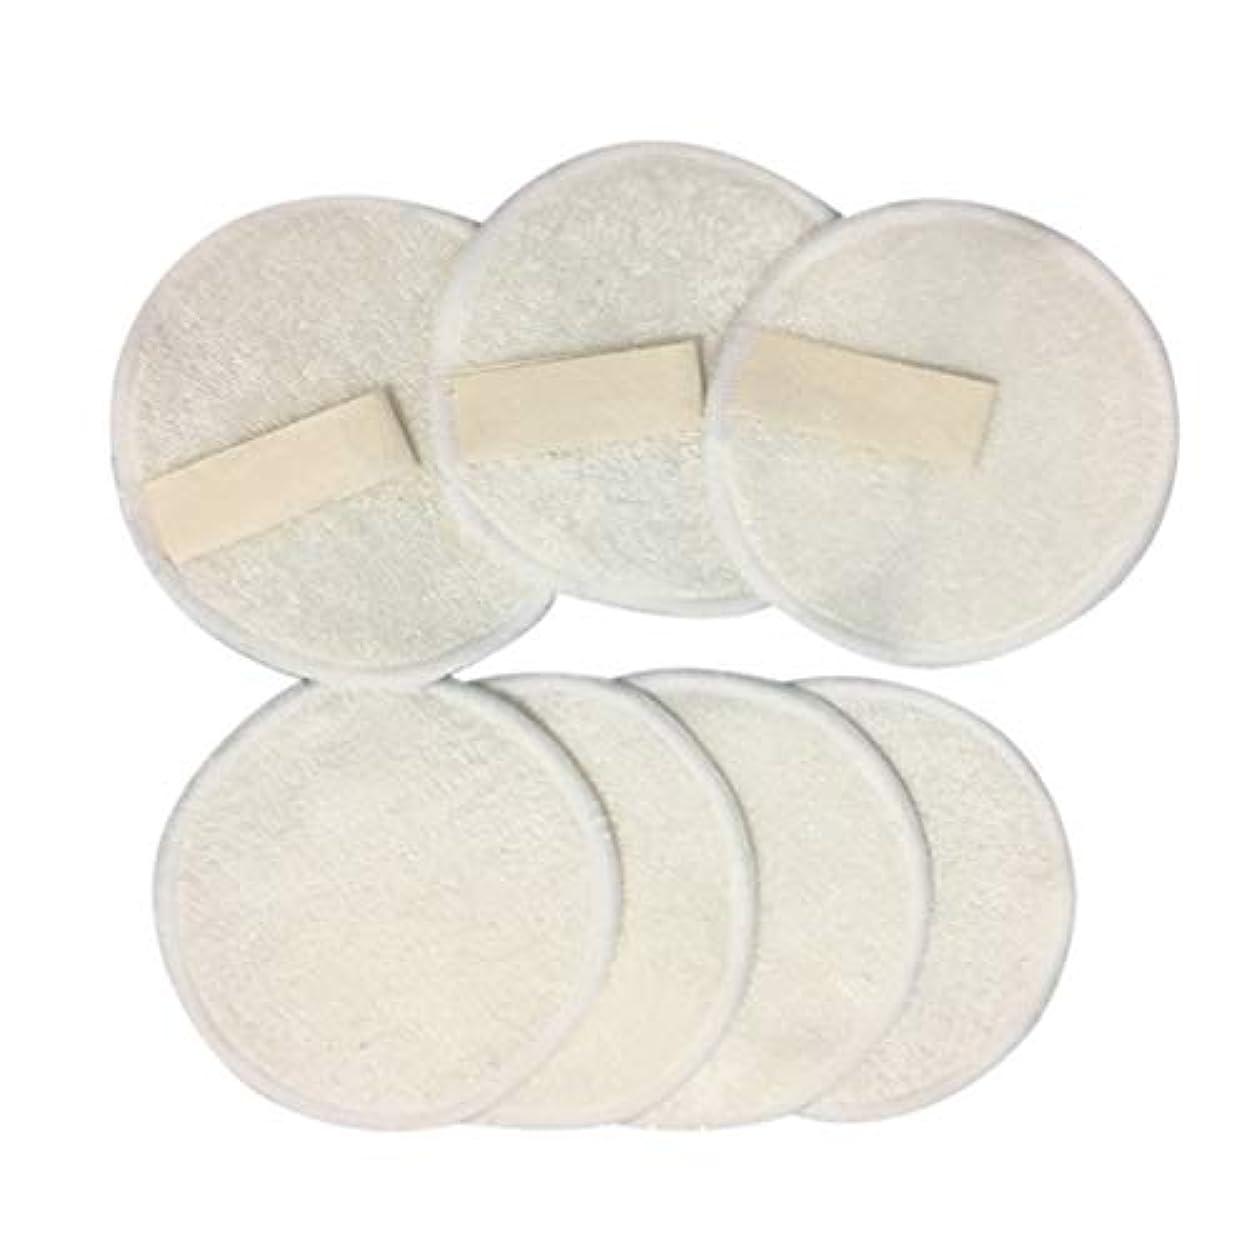 苦しみワークショップ我慢するFrcolor 10ピース 竹メイクリムーバーパッド 3層 再利用可能 綿 ラウンド パッドクレンジングワイプウォッシャブルクリーンスキンケア用女性